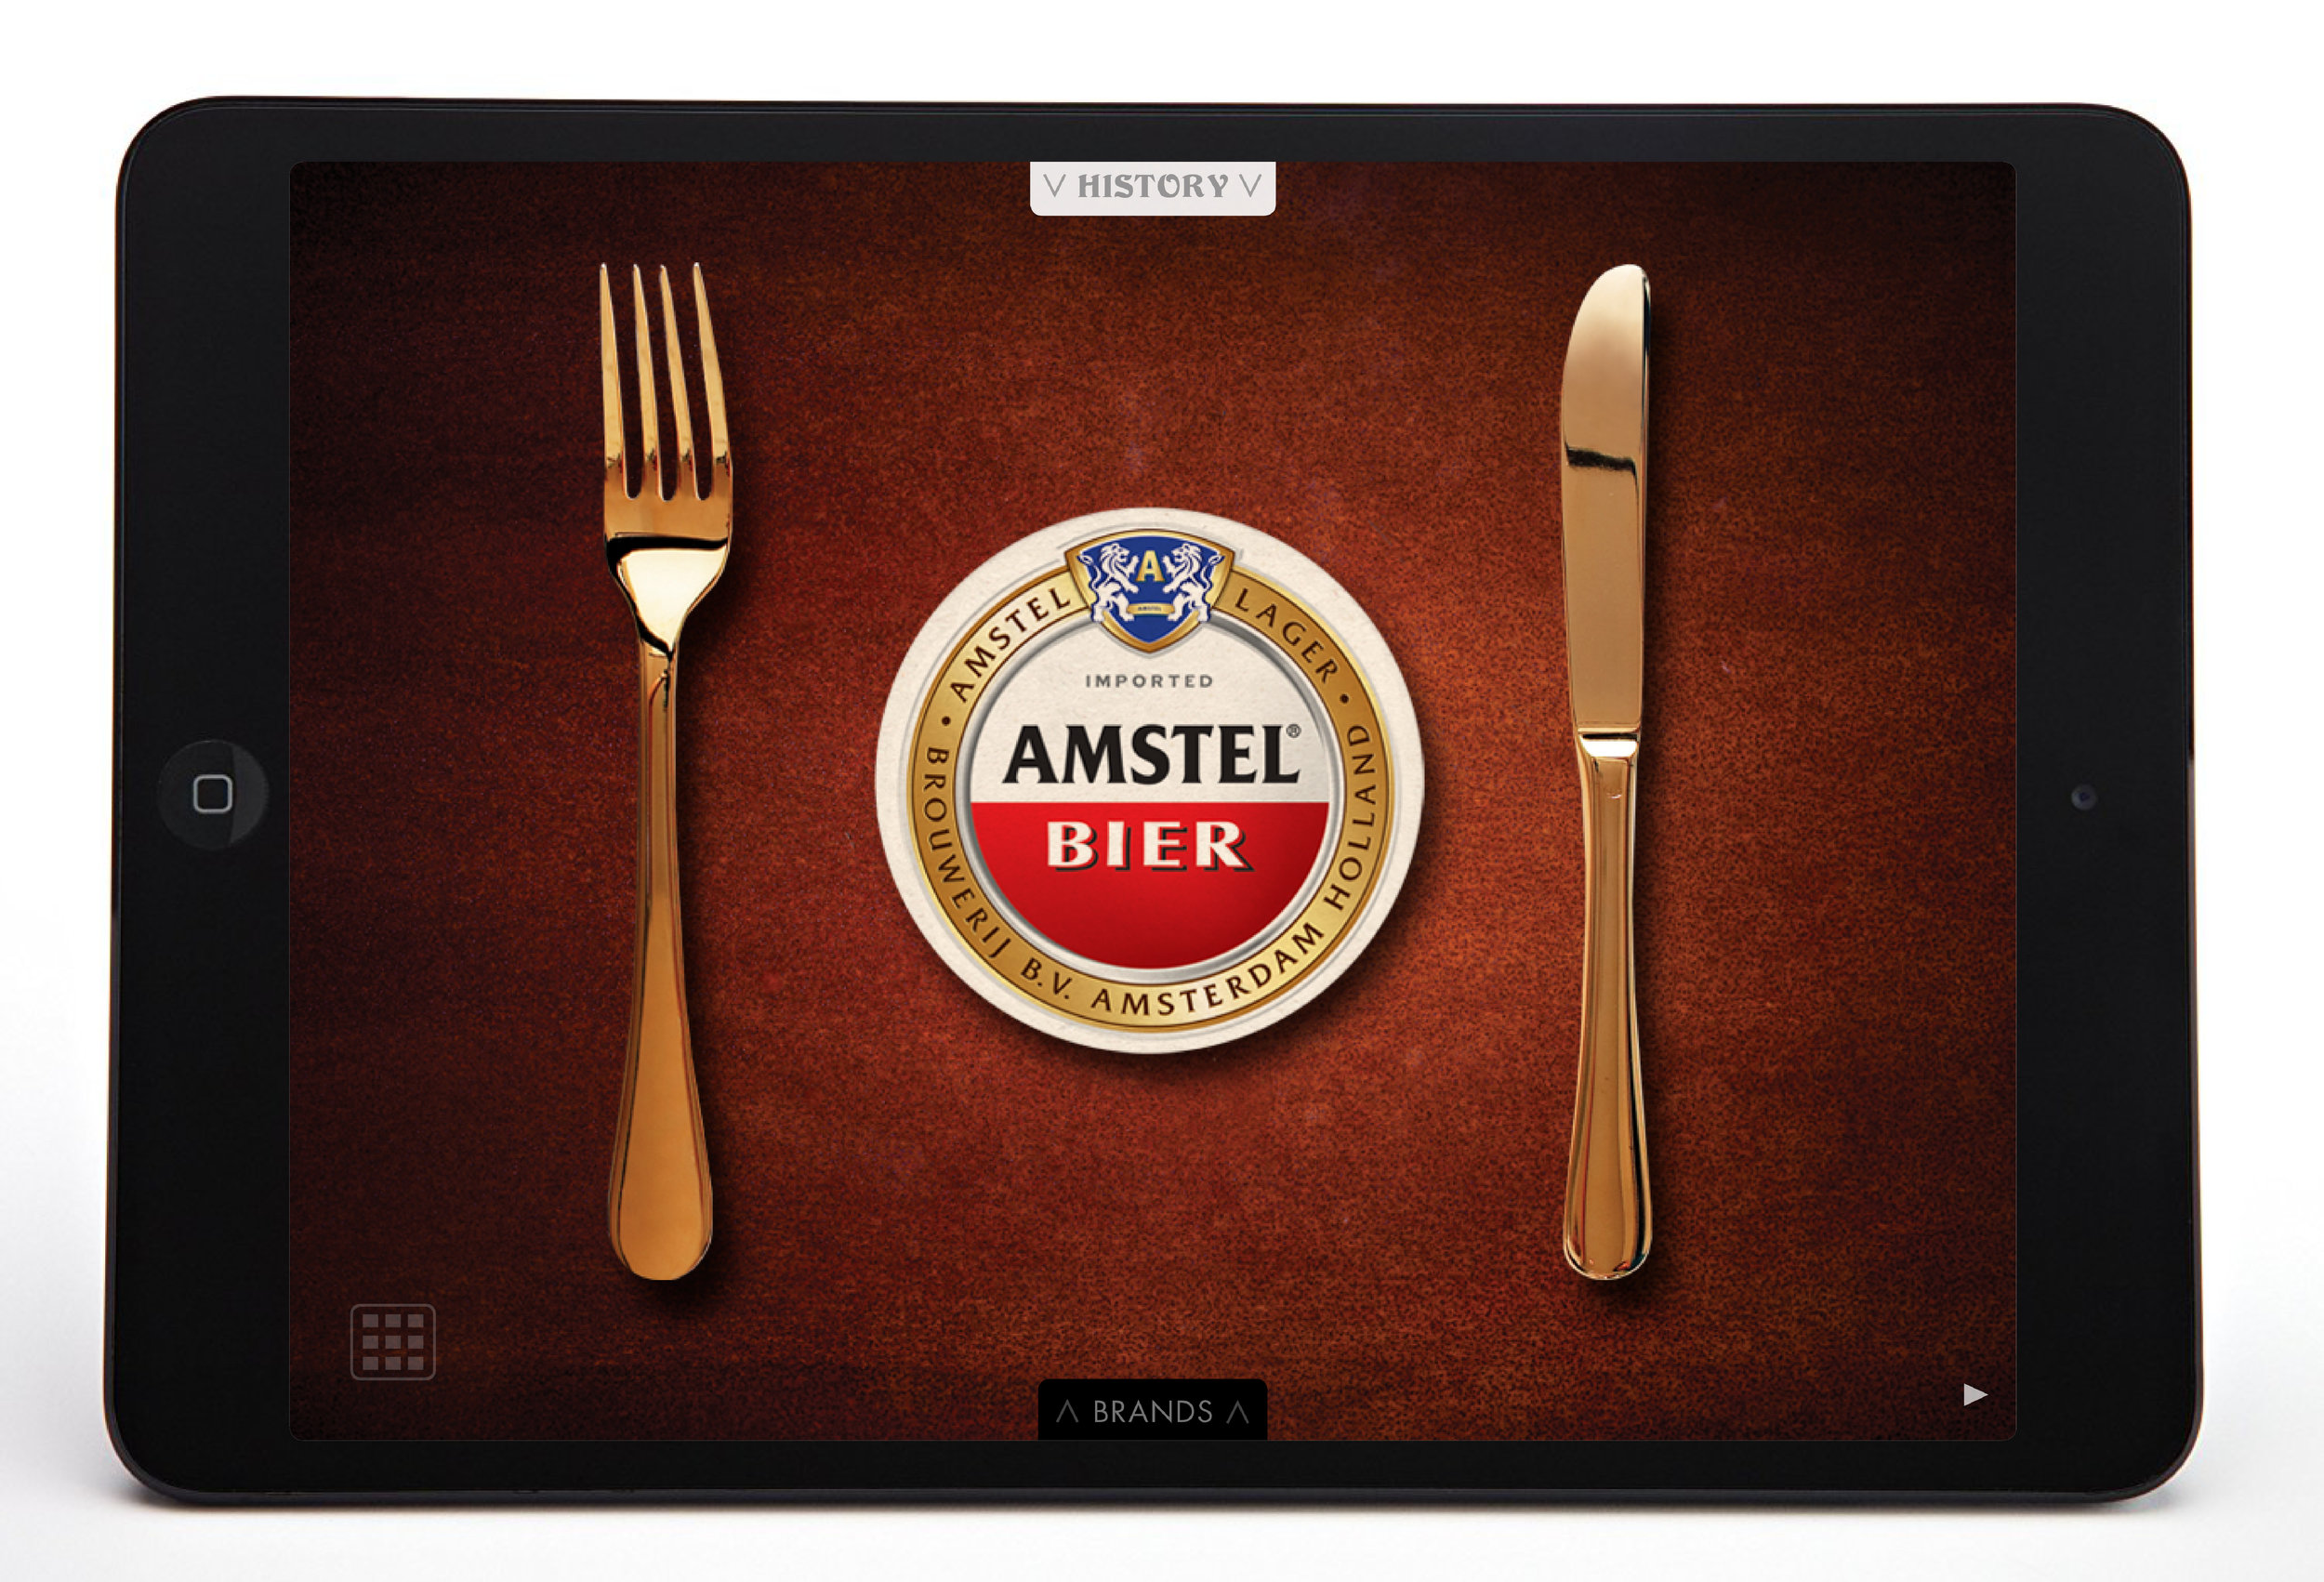 Heineken-food&beer pairing-interactive book17.jpg